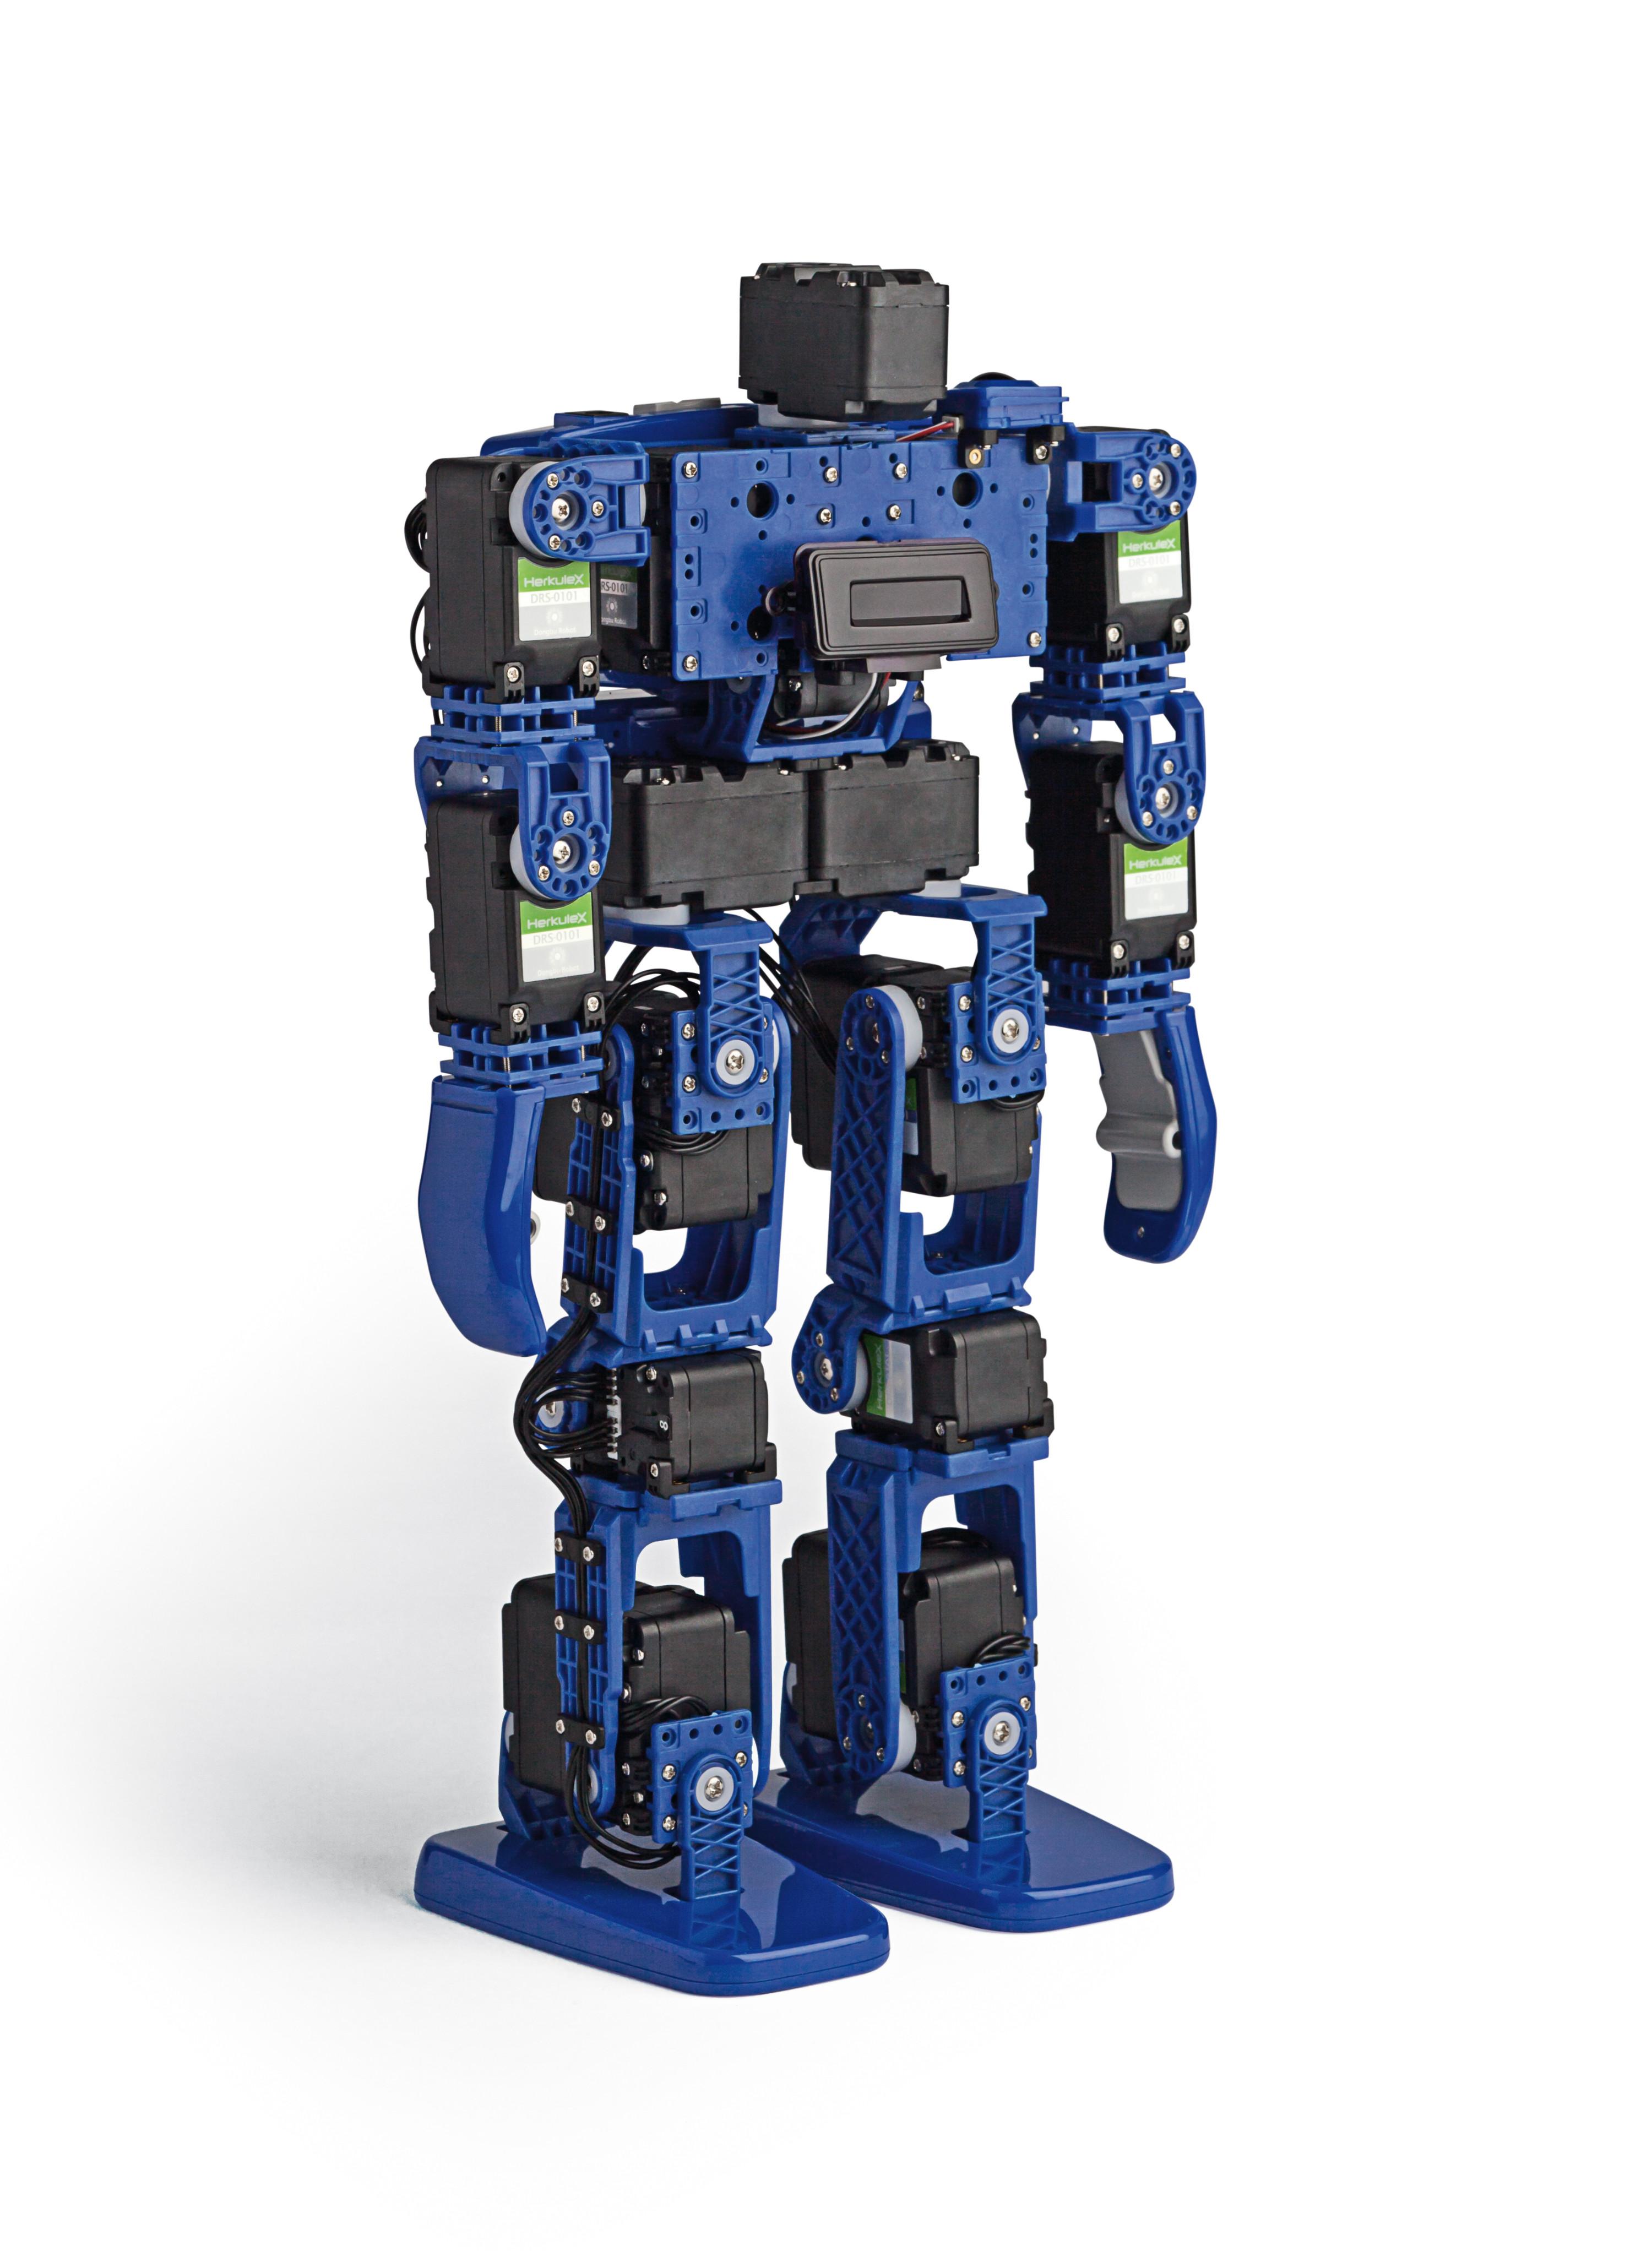 Die Roboter der Baureihe Hovis Lite erfreuen sich bei Bastlern großer Beliebtheit Bild: Dongbu Robot